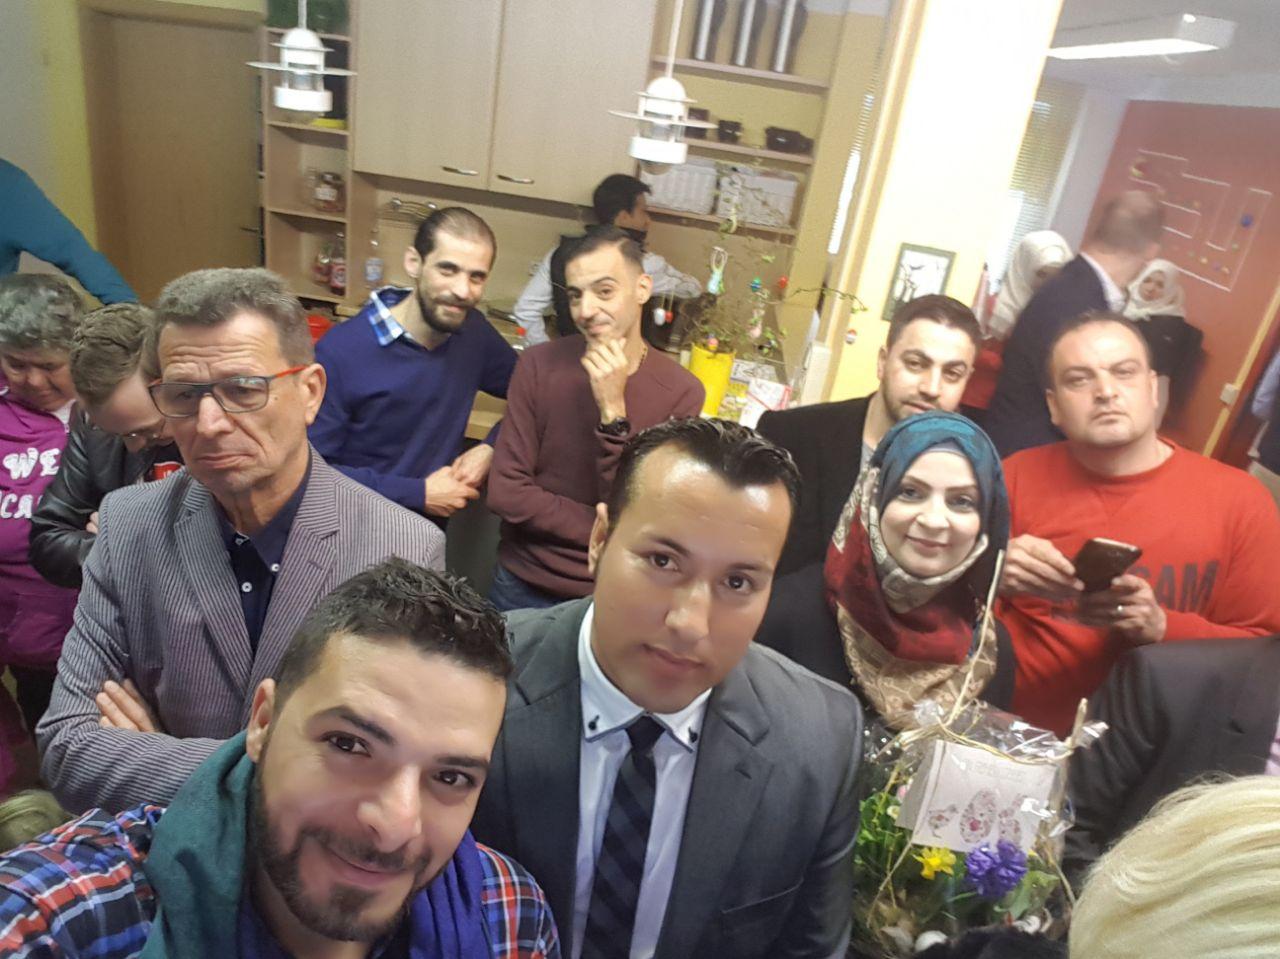 syrischeszentrum00005